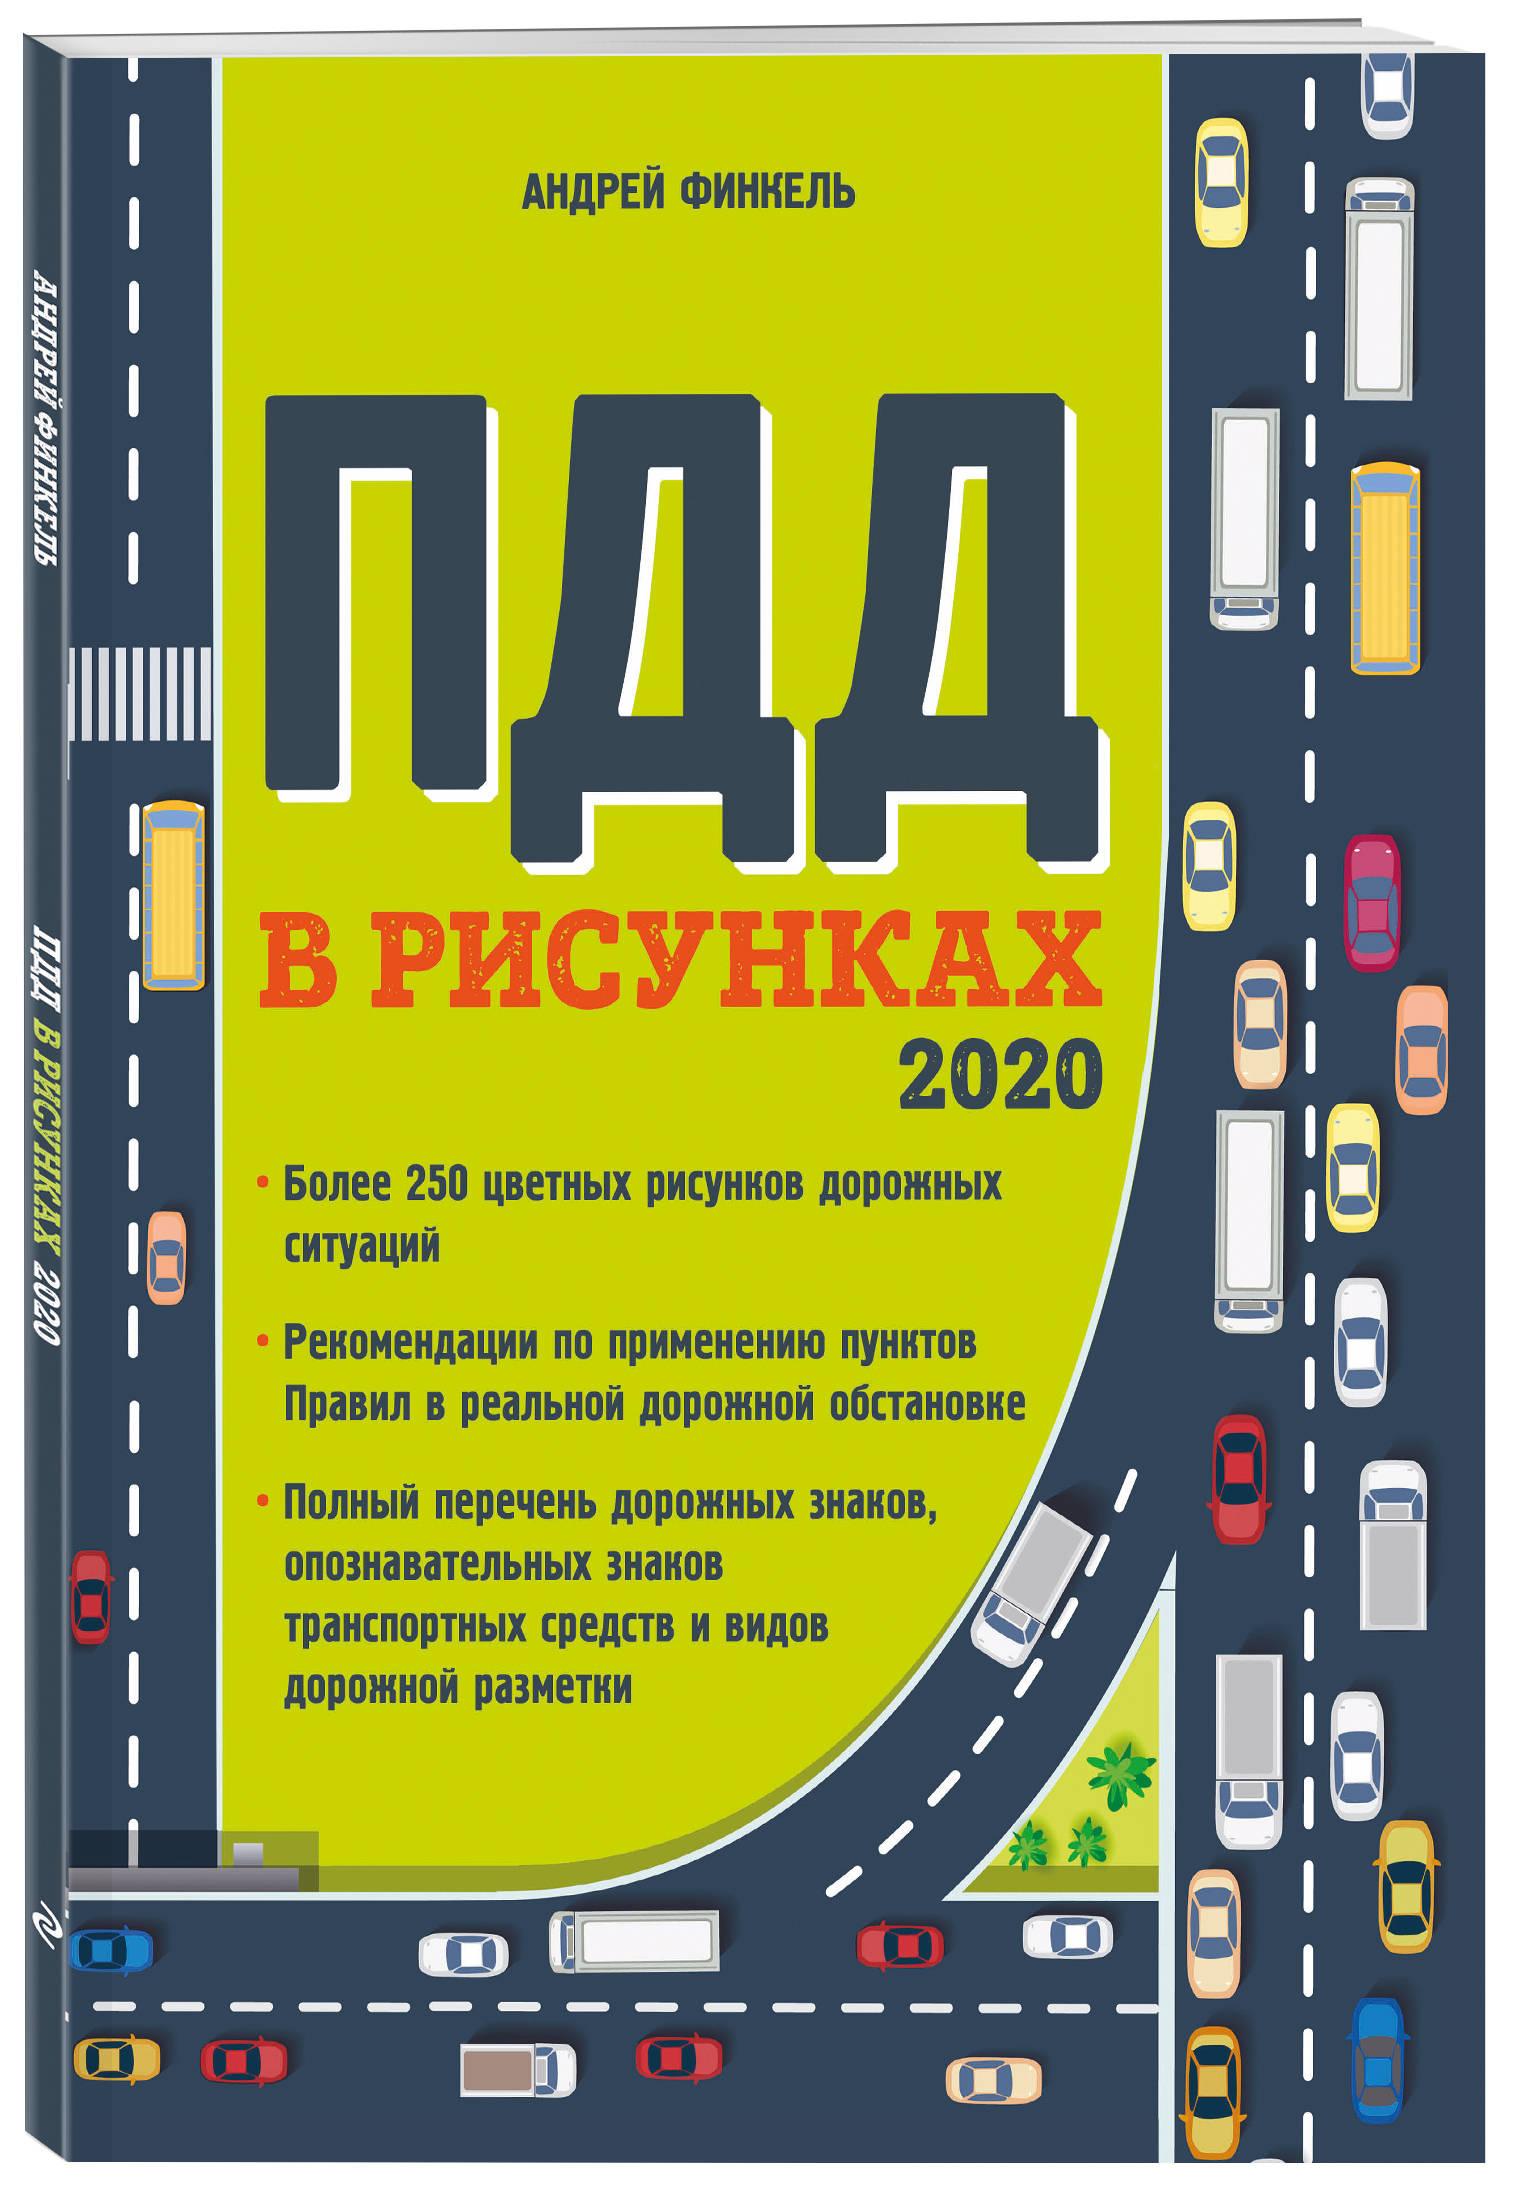 А. Е. Финкель Правила дорожного движения в рисунках (редакция 2020 г.) цены онлайн